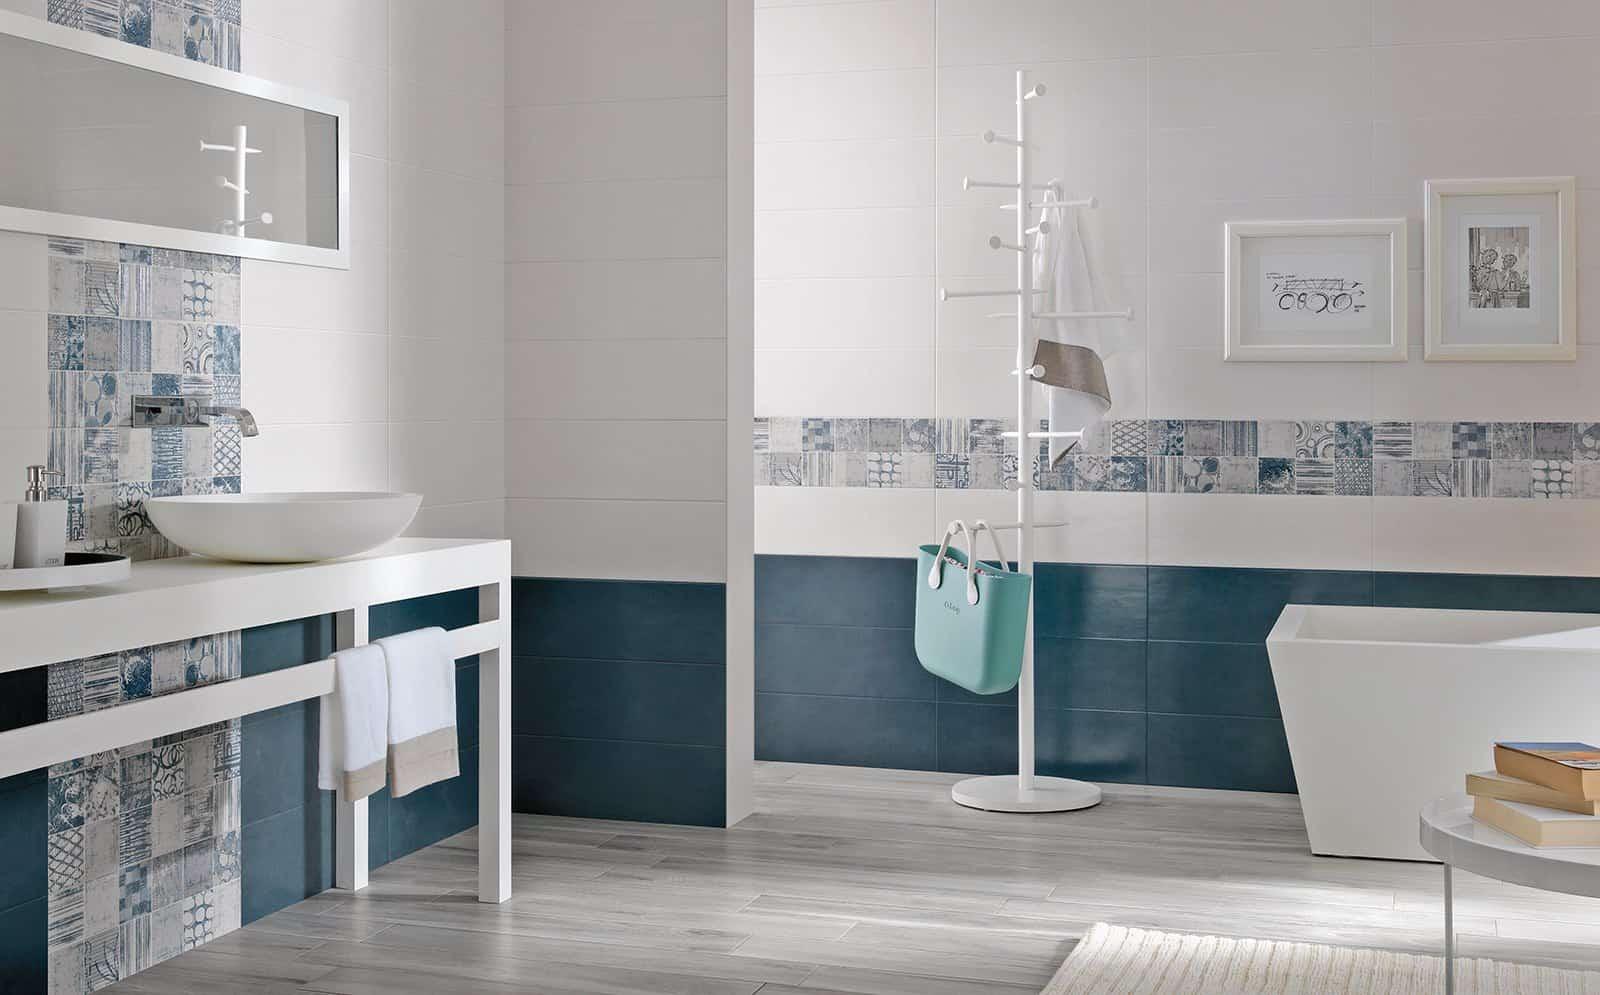 Serie soul pavimenti e rivestimenti musis - Rivestimenti piastrelle bagno ...